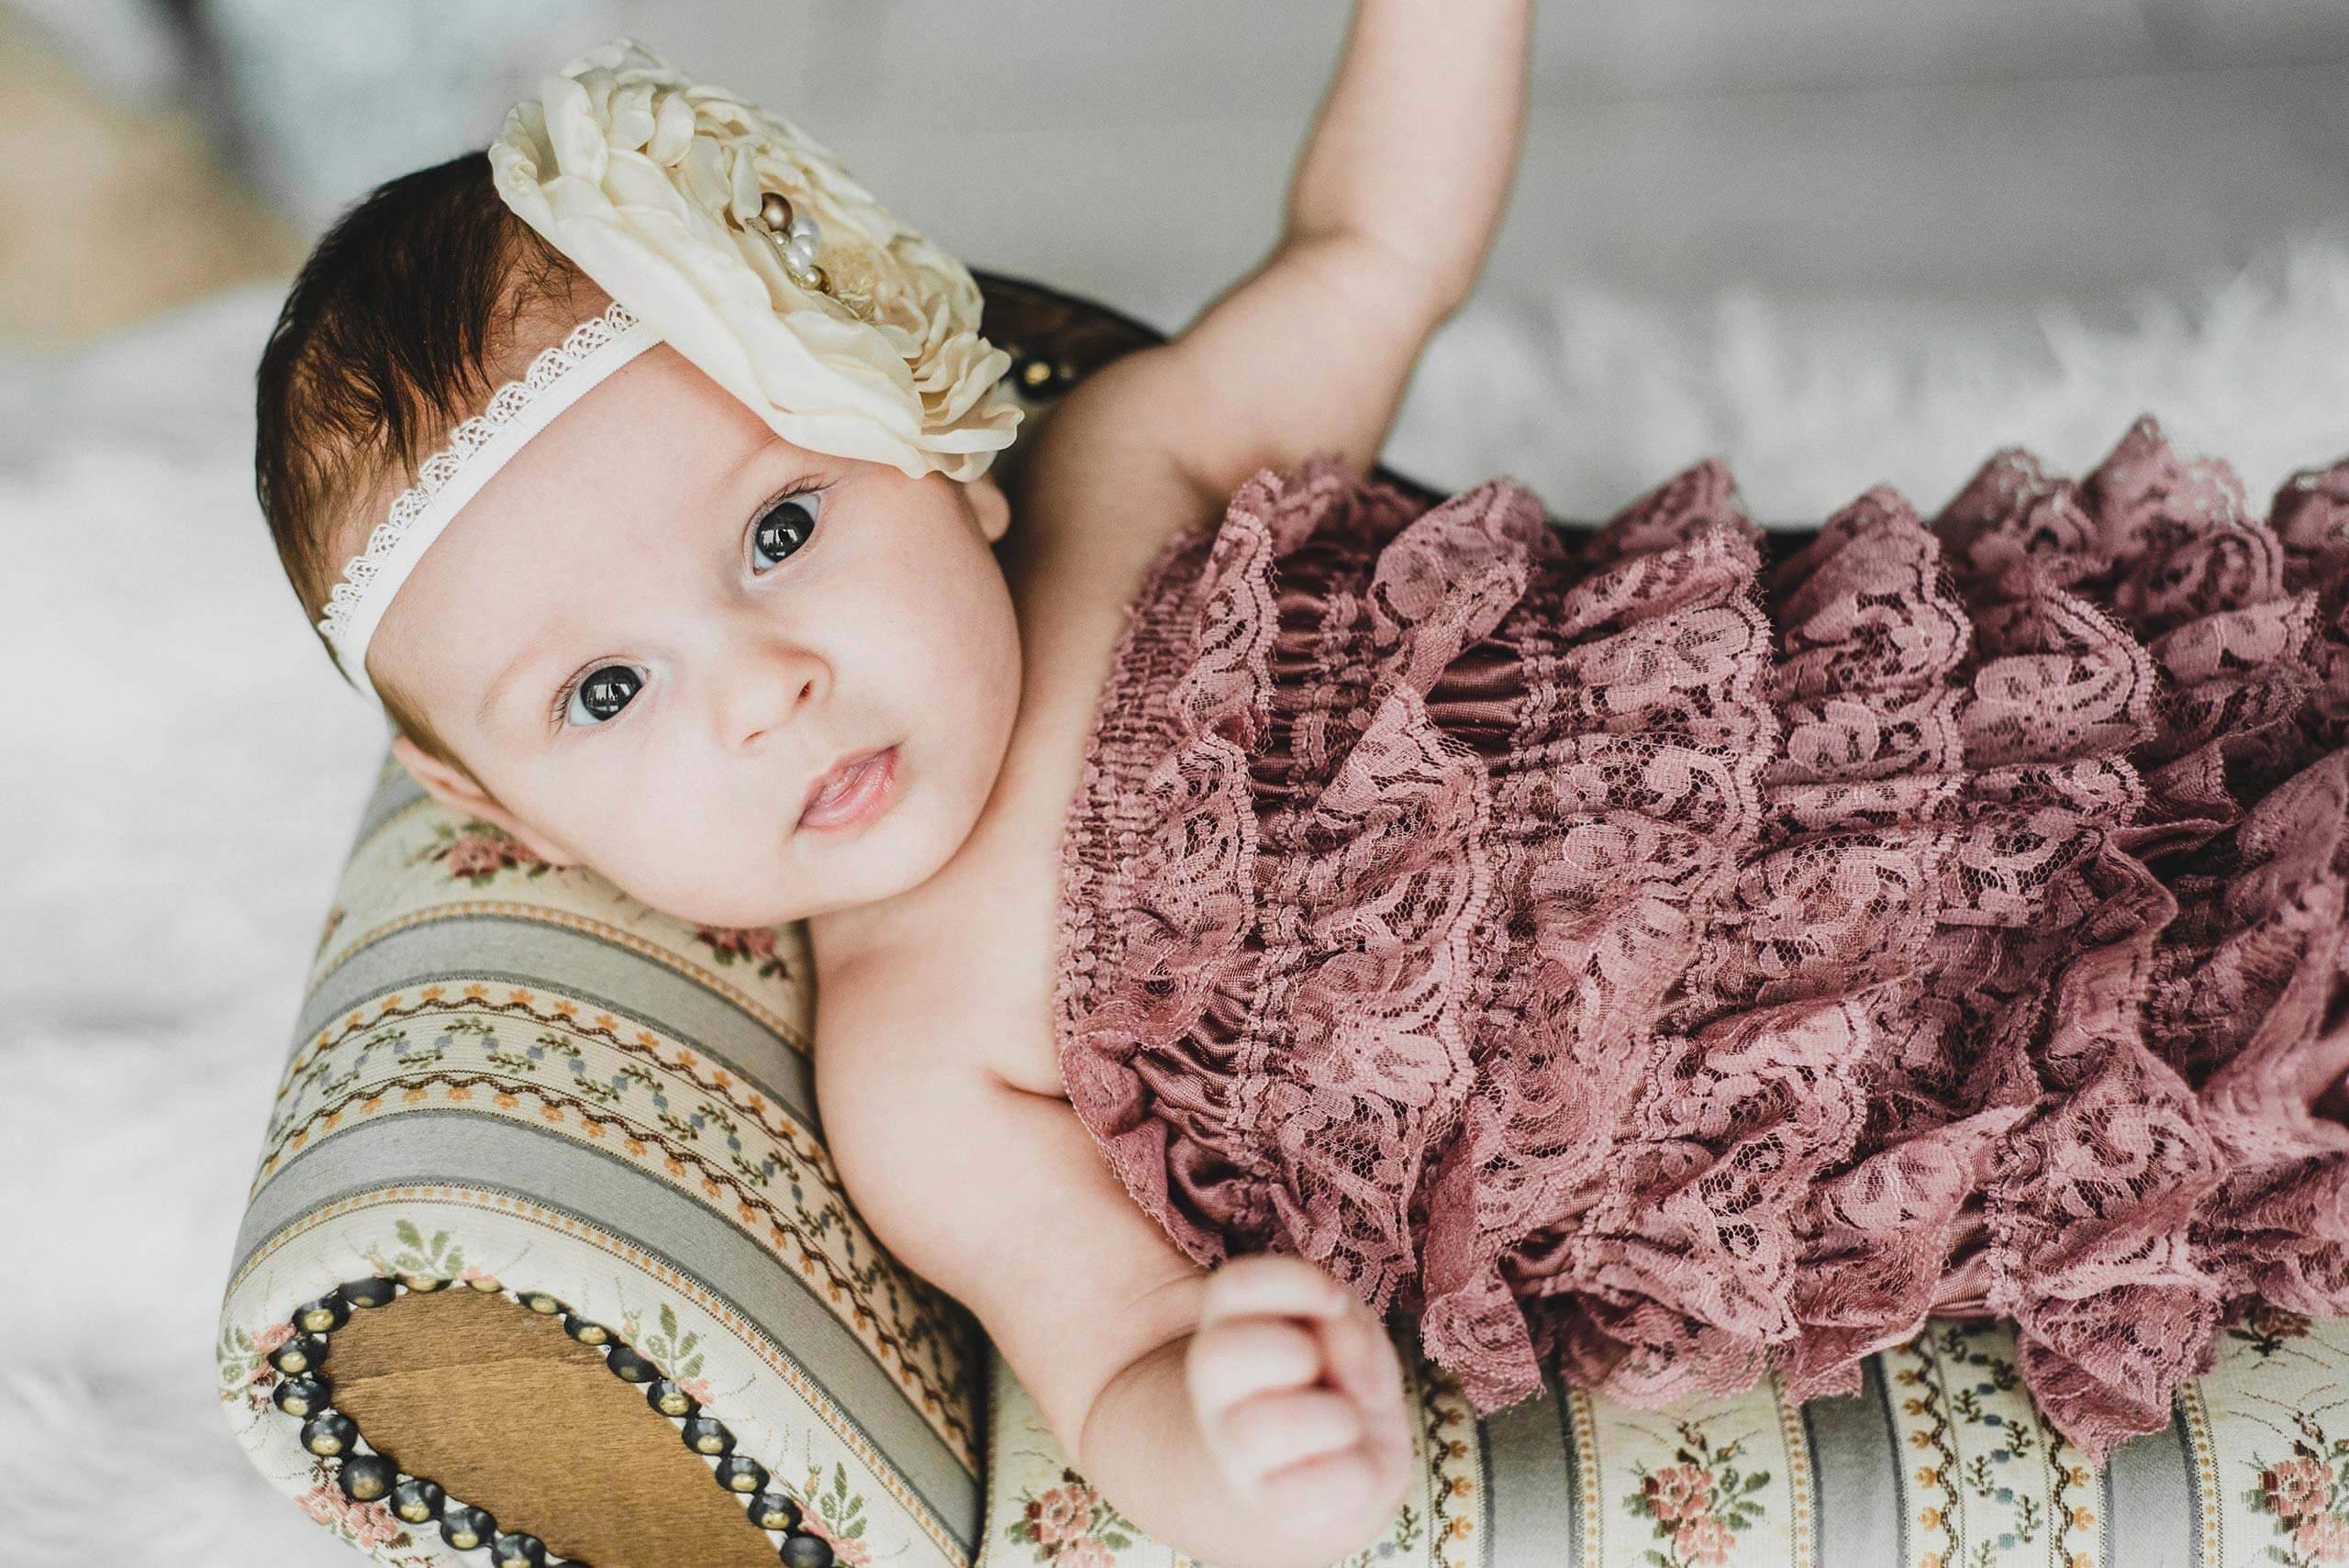 Babybilder nrw